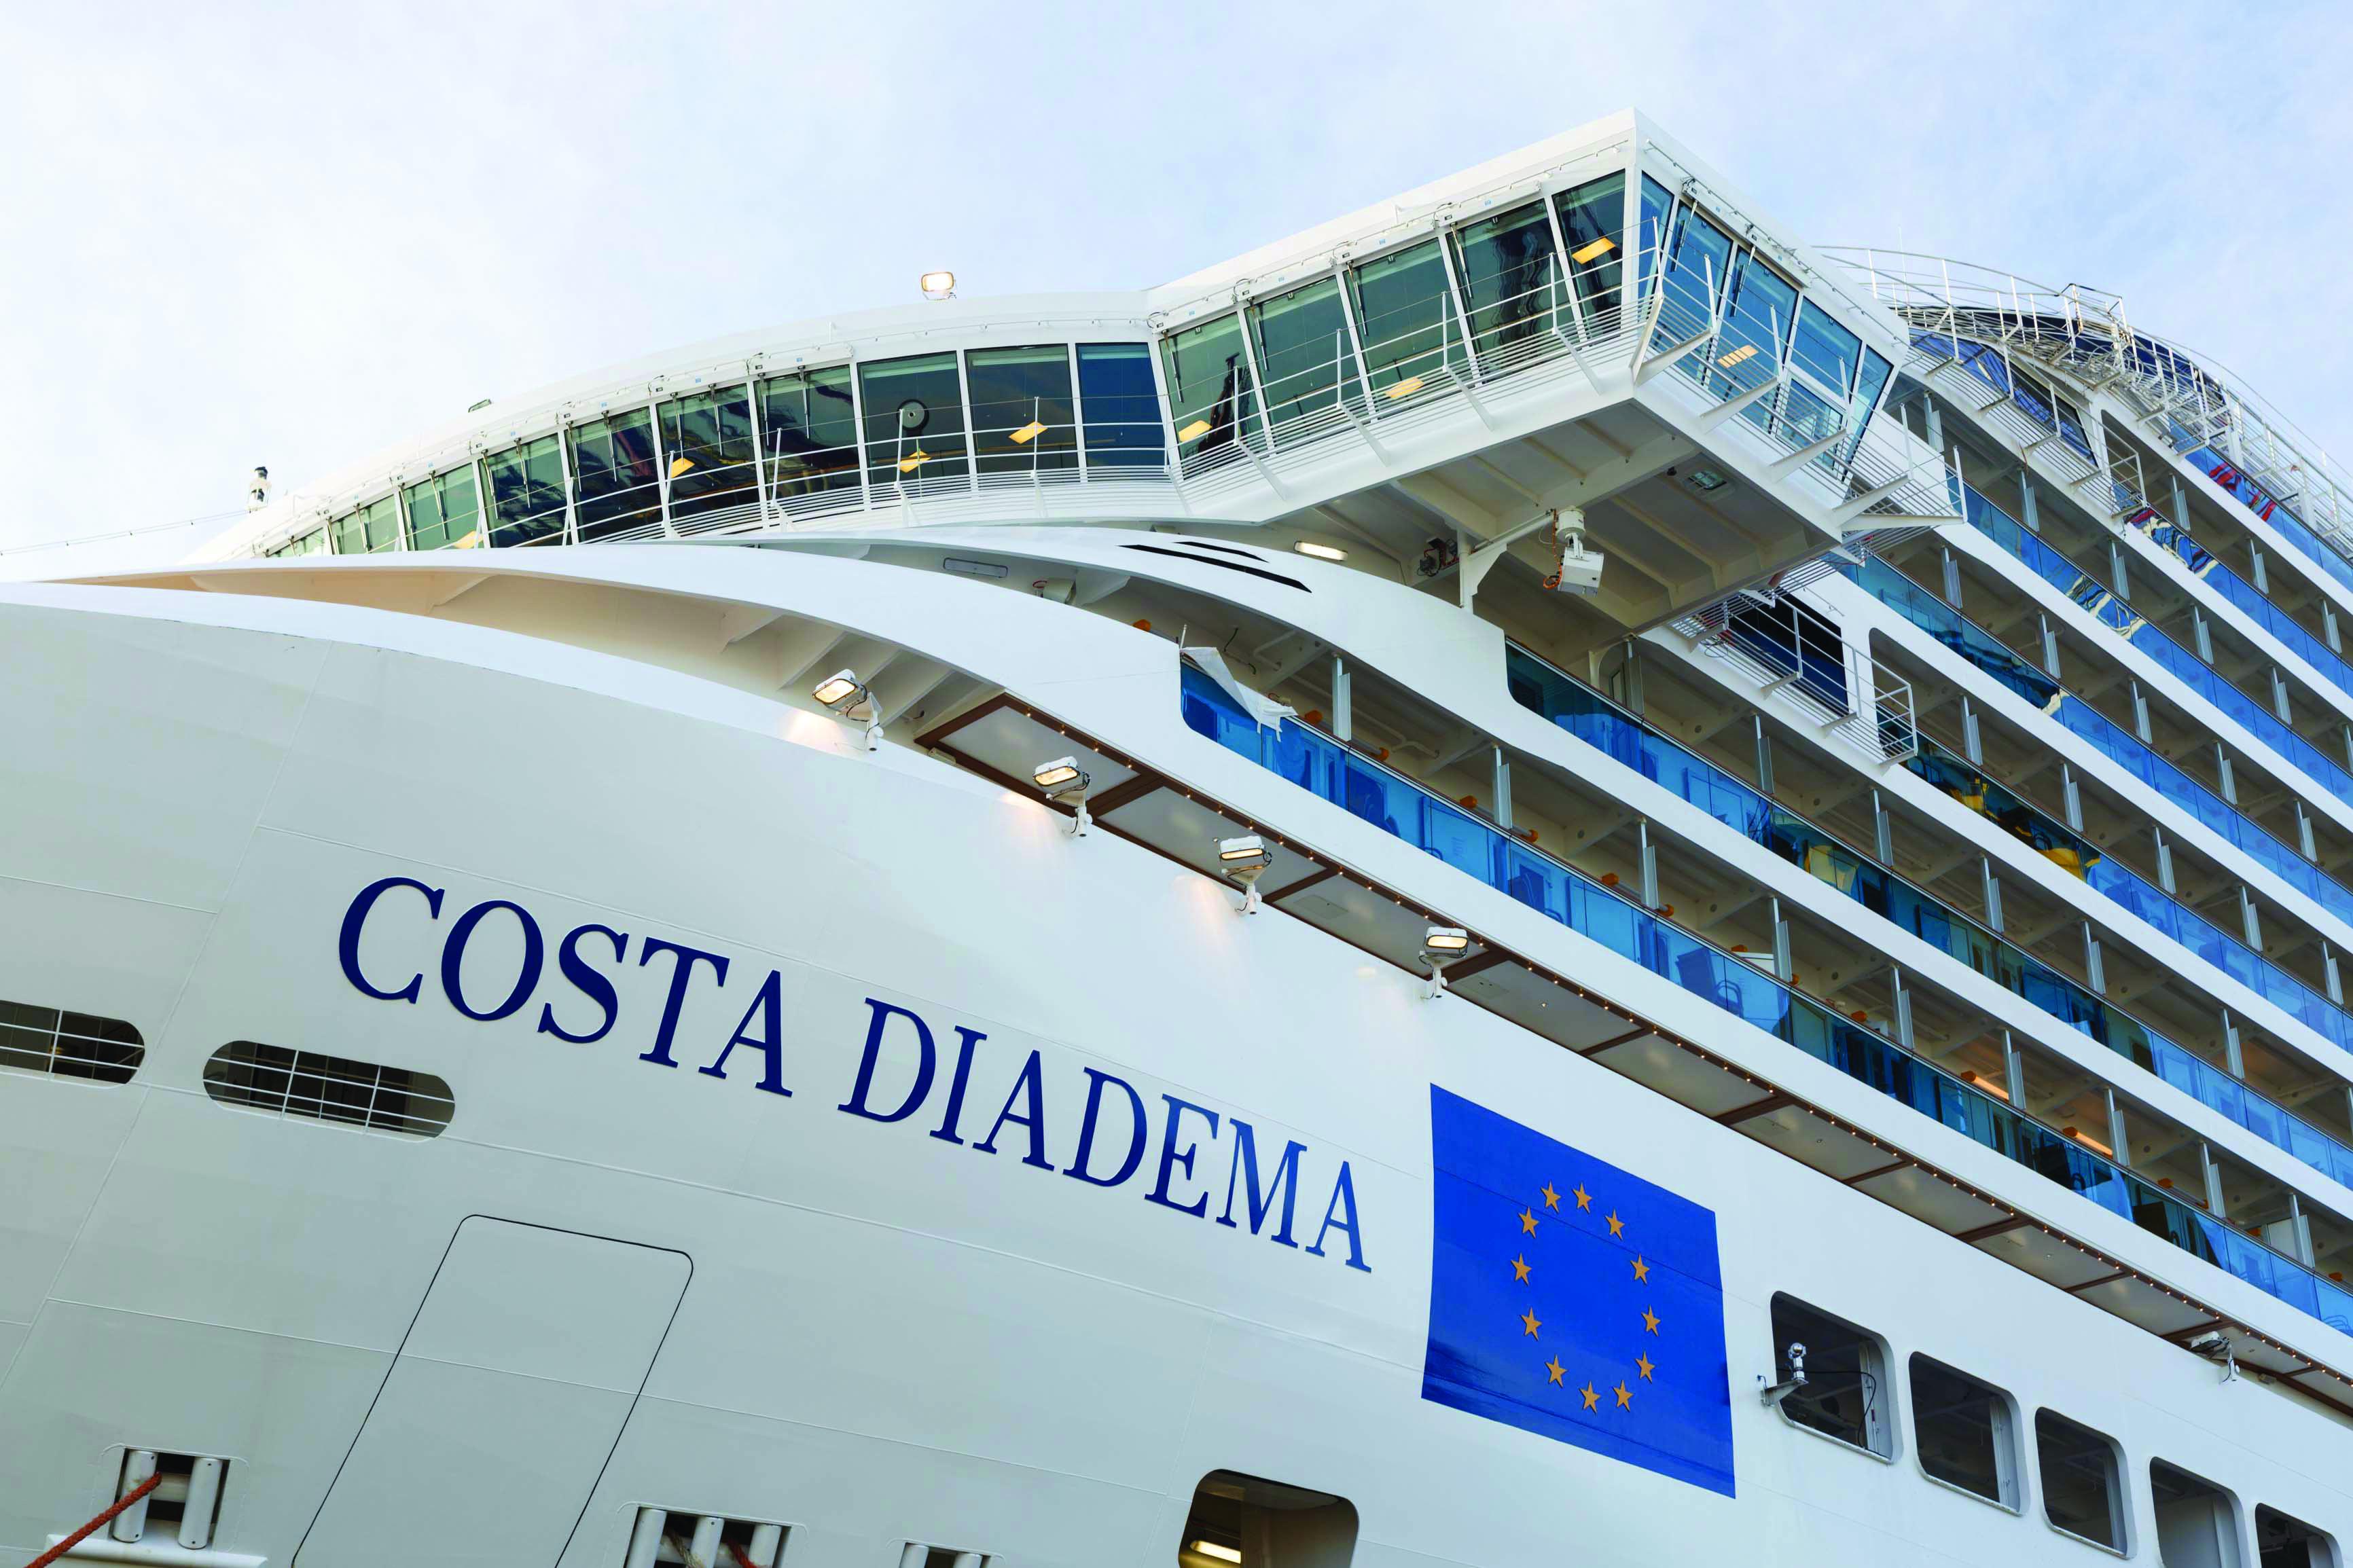 4191c54dd 5 razones para viajar en Costa Diadema